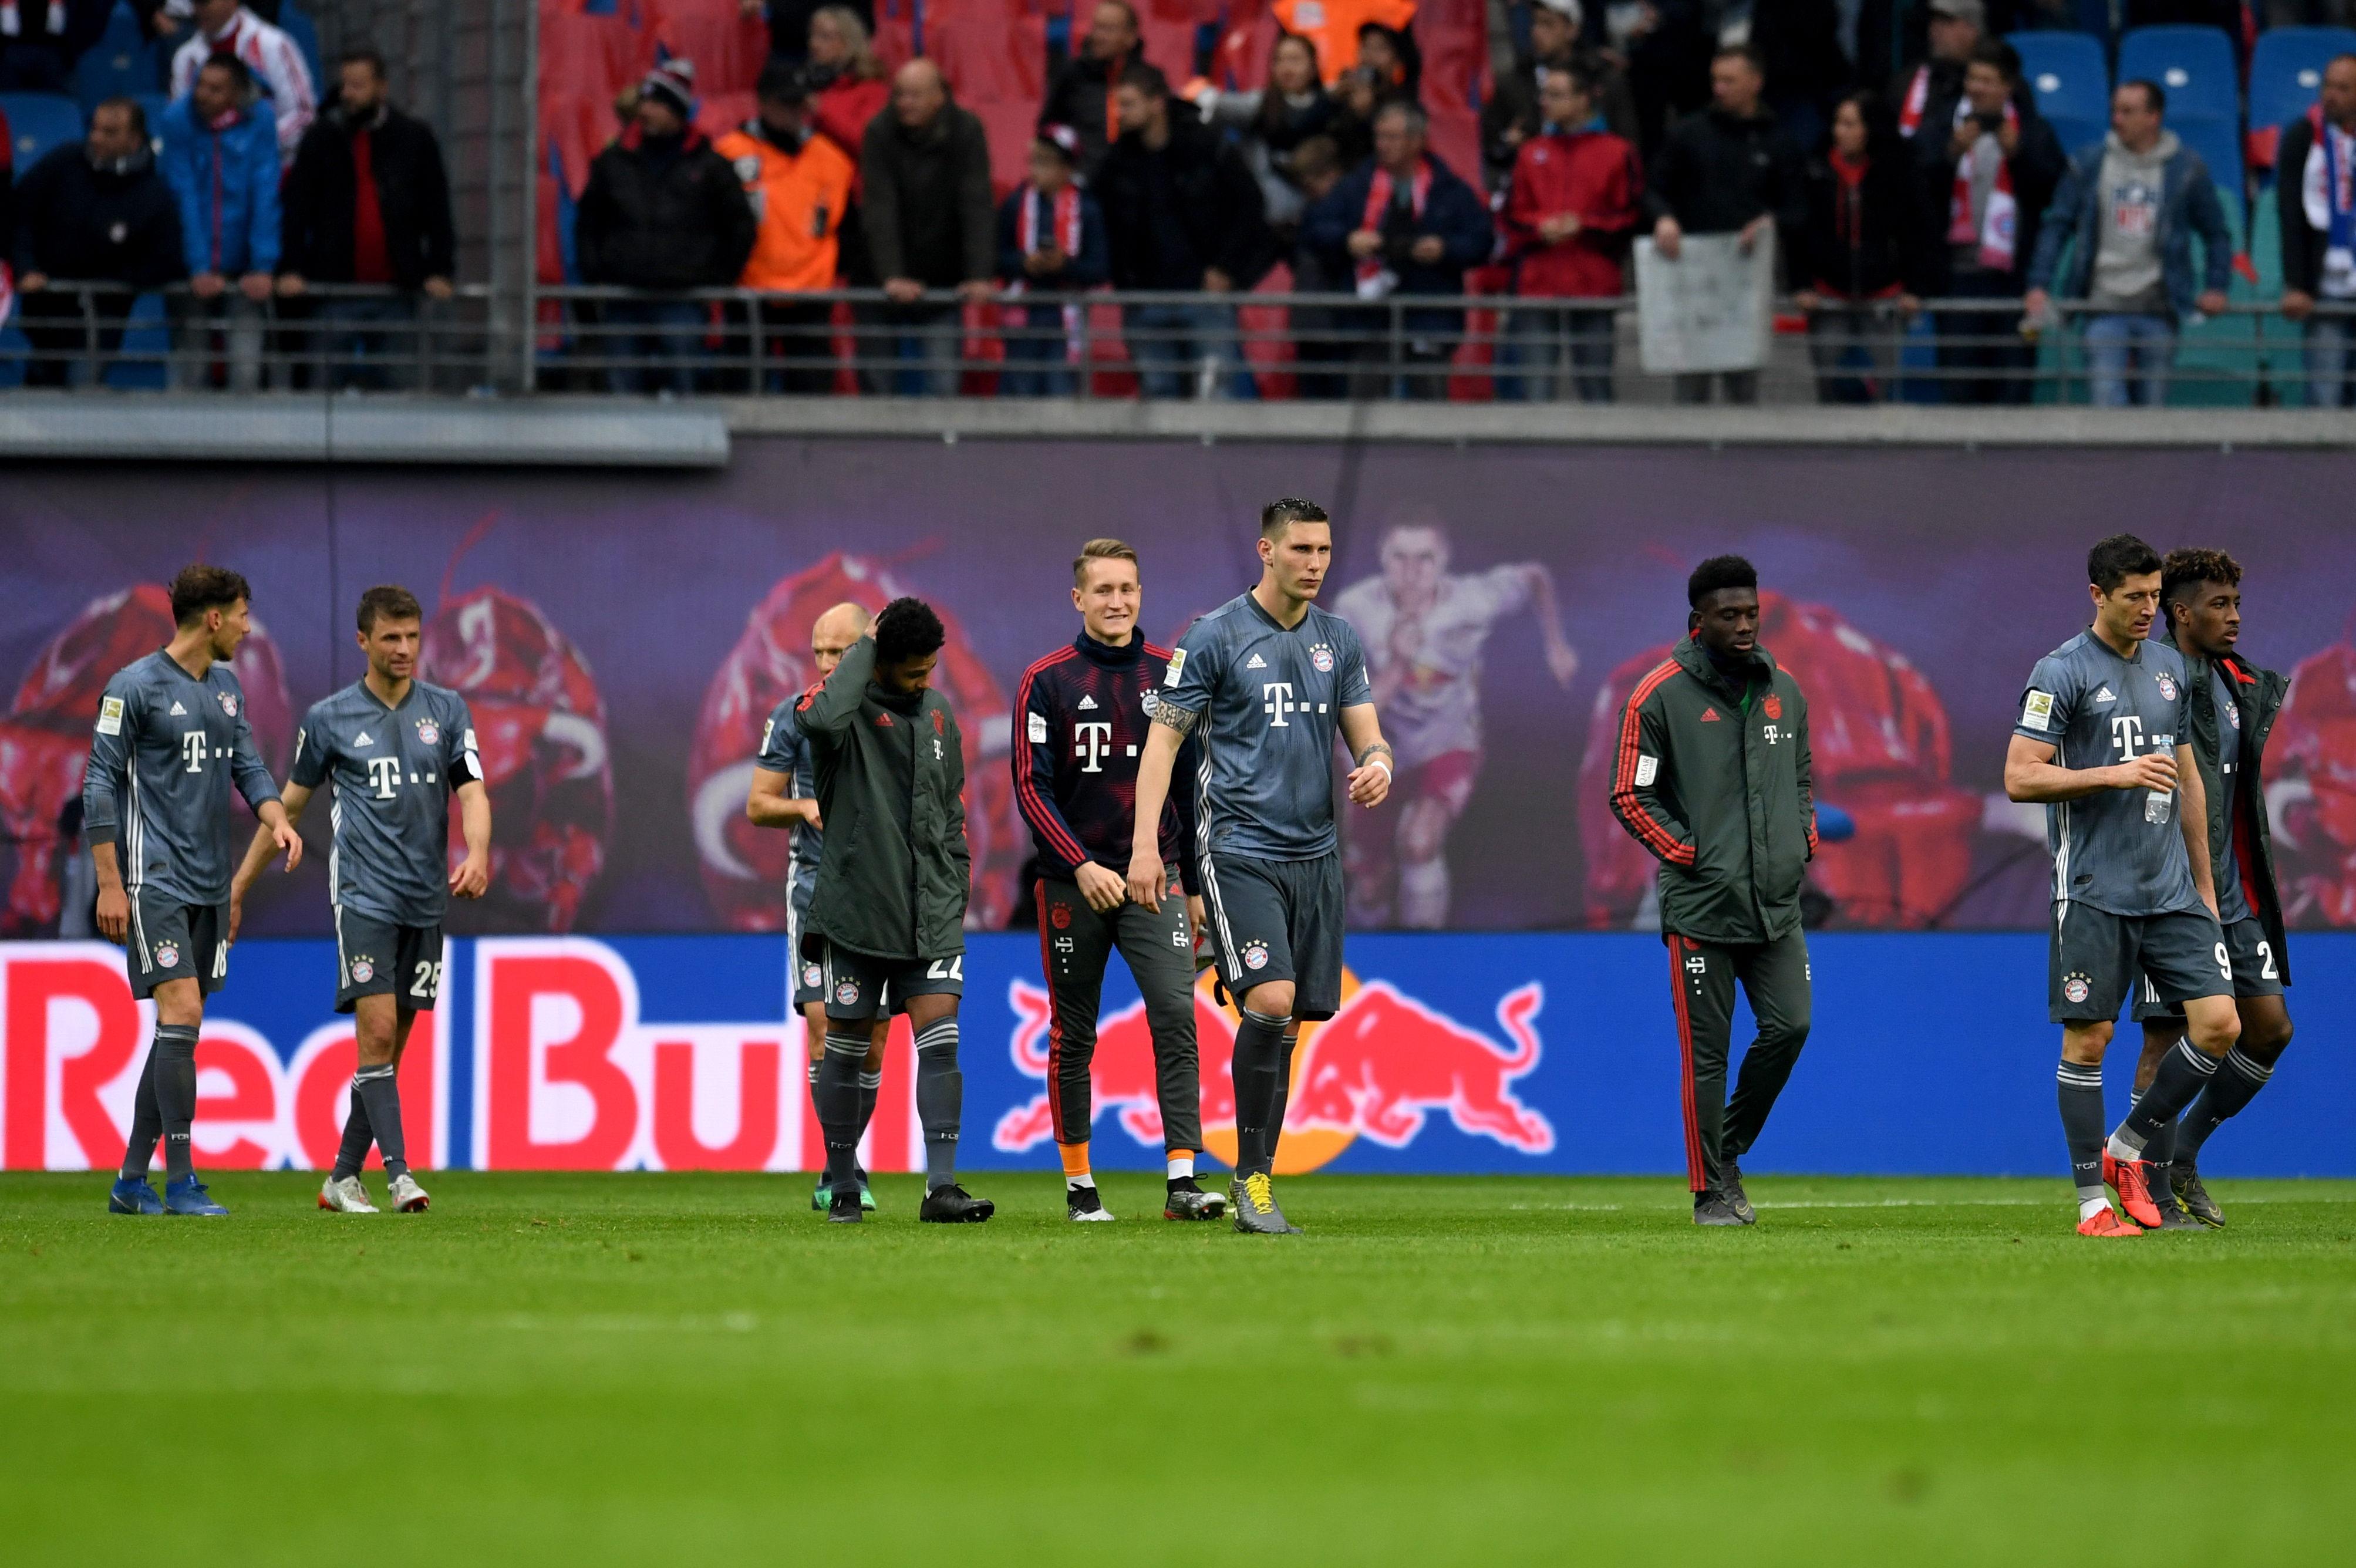 Los jugadores del Bayern Múnich se lamentan no haber ganado y deberán esperar una jornada para coronarse, si ganan. (Foto Prensa Libre: EFE)